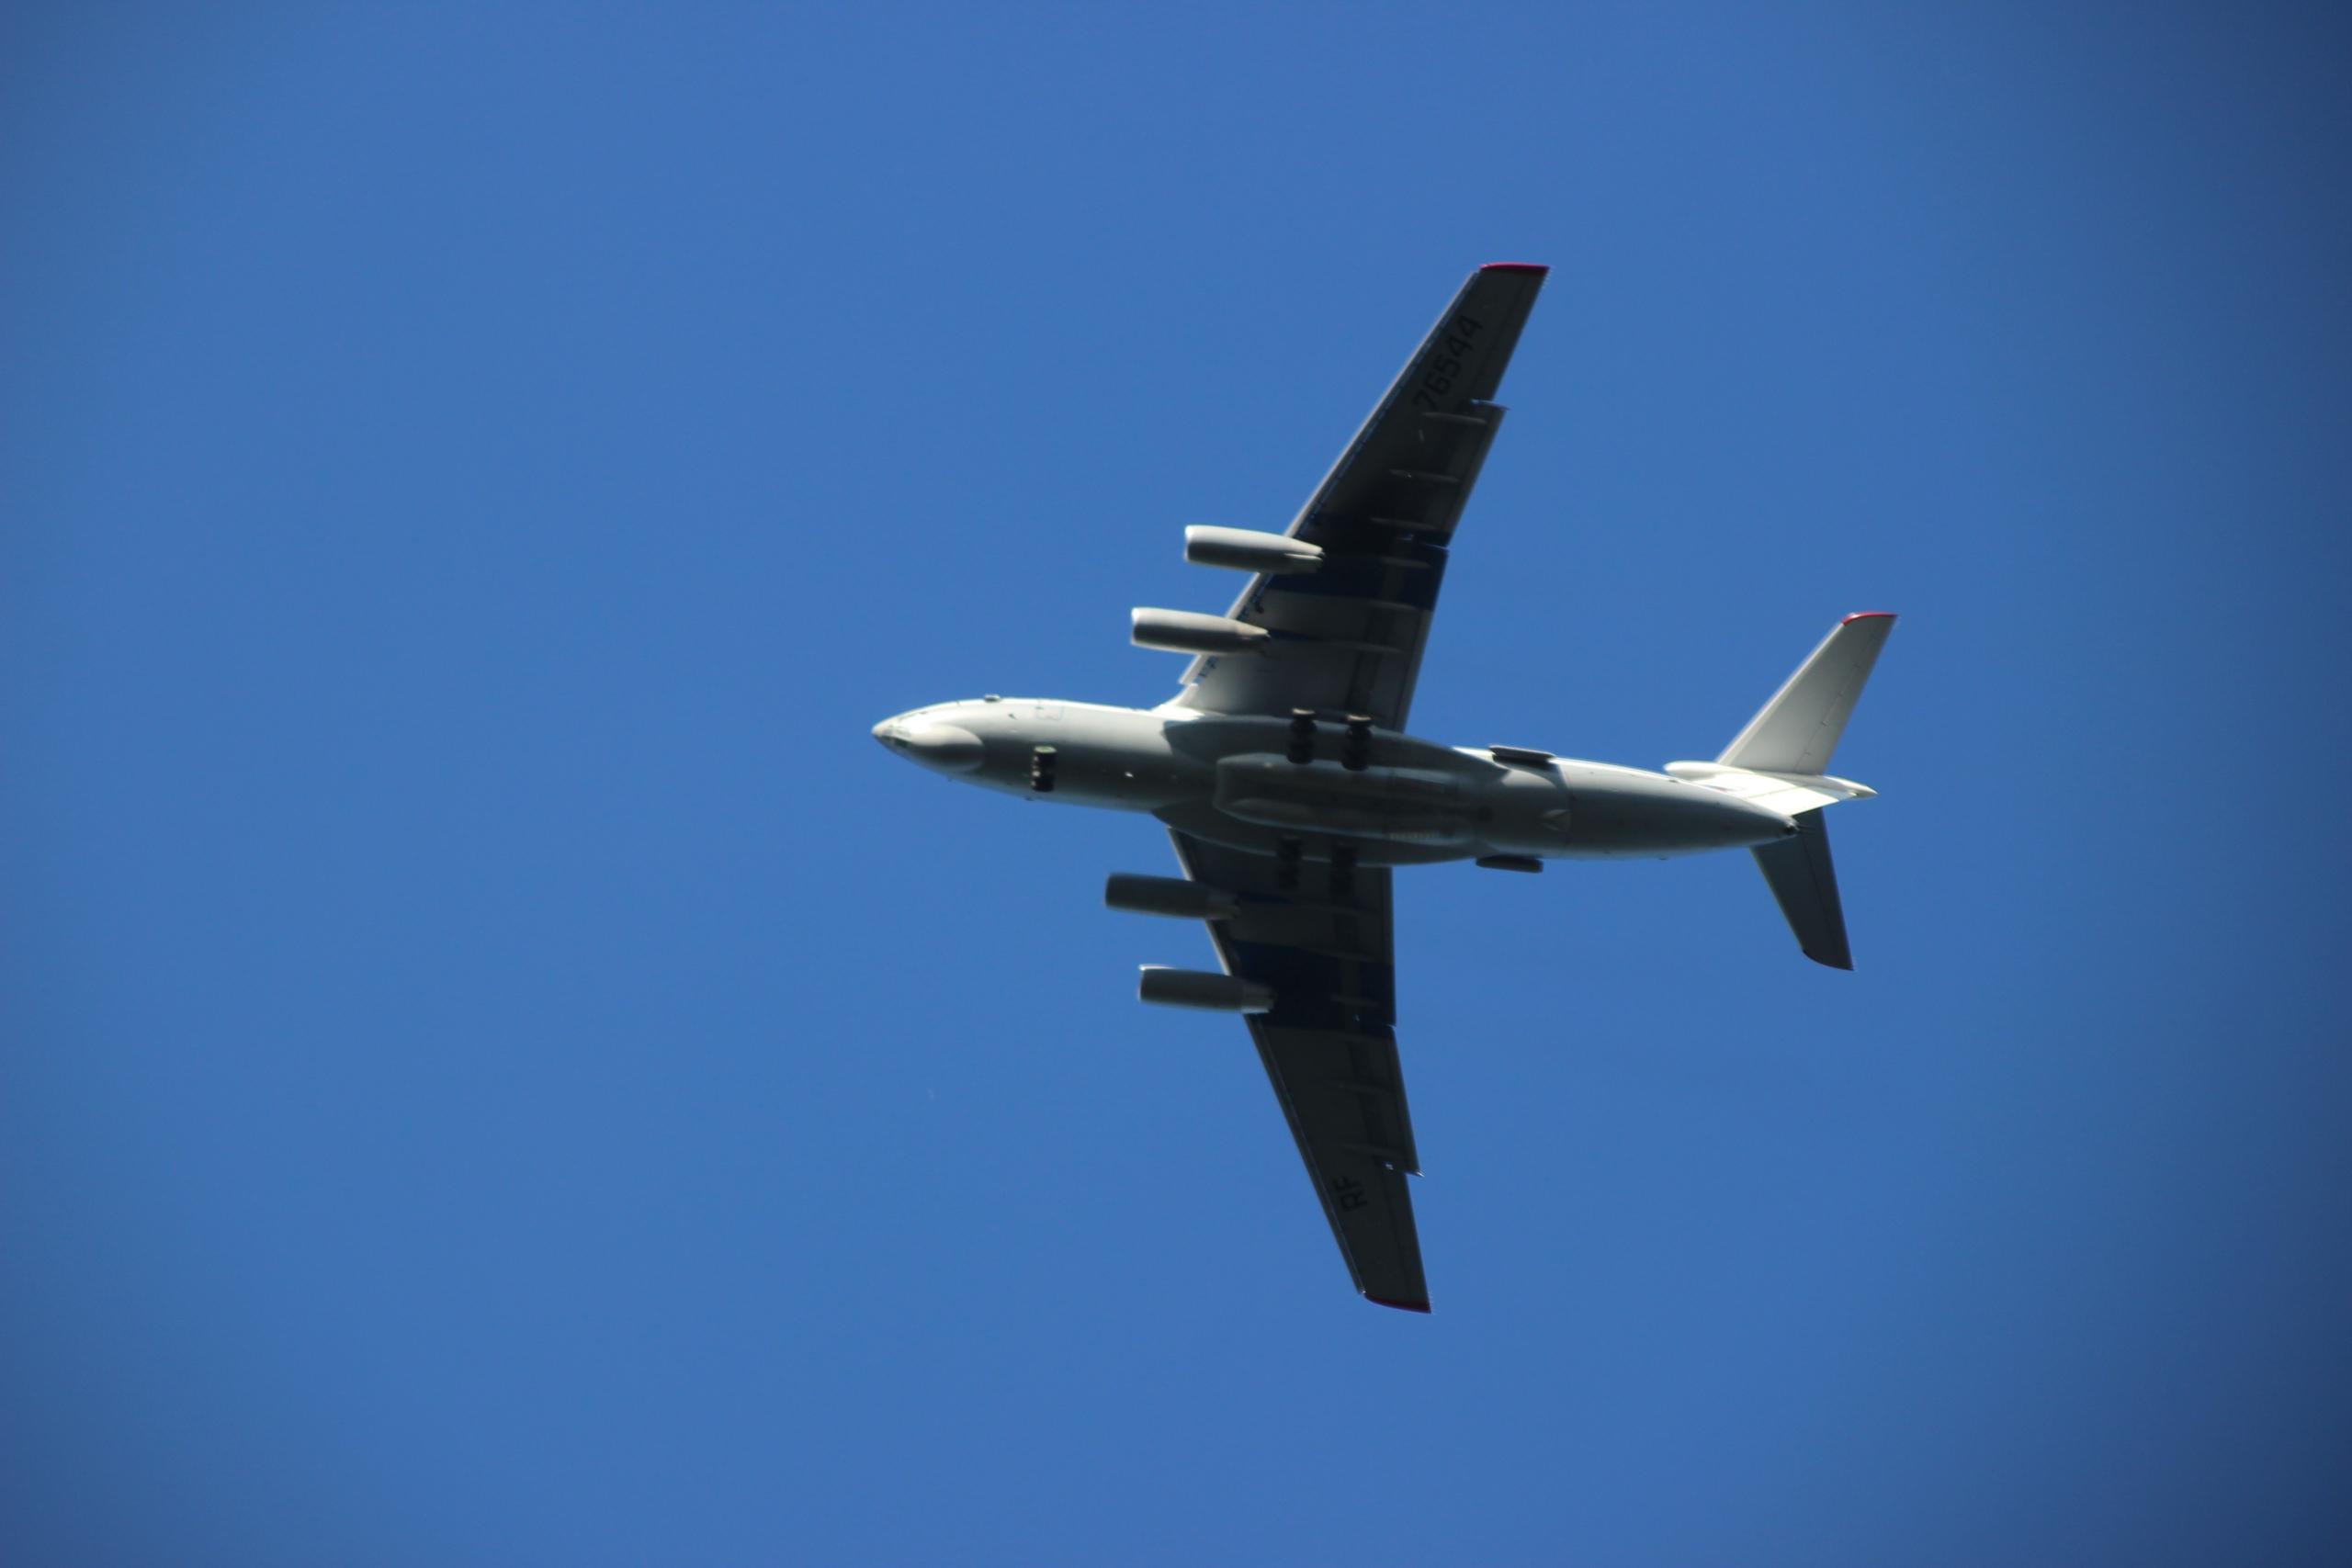 В Твери по вине лейтенанта из самолета Ил-76 слили 4 тысячи литров авиатоплива - новости Афанасий